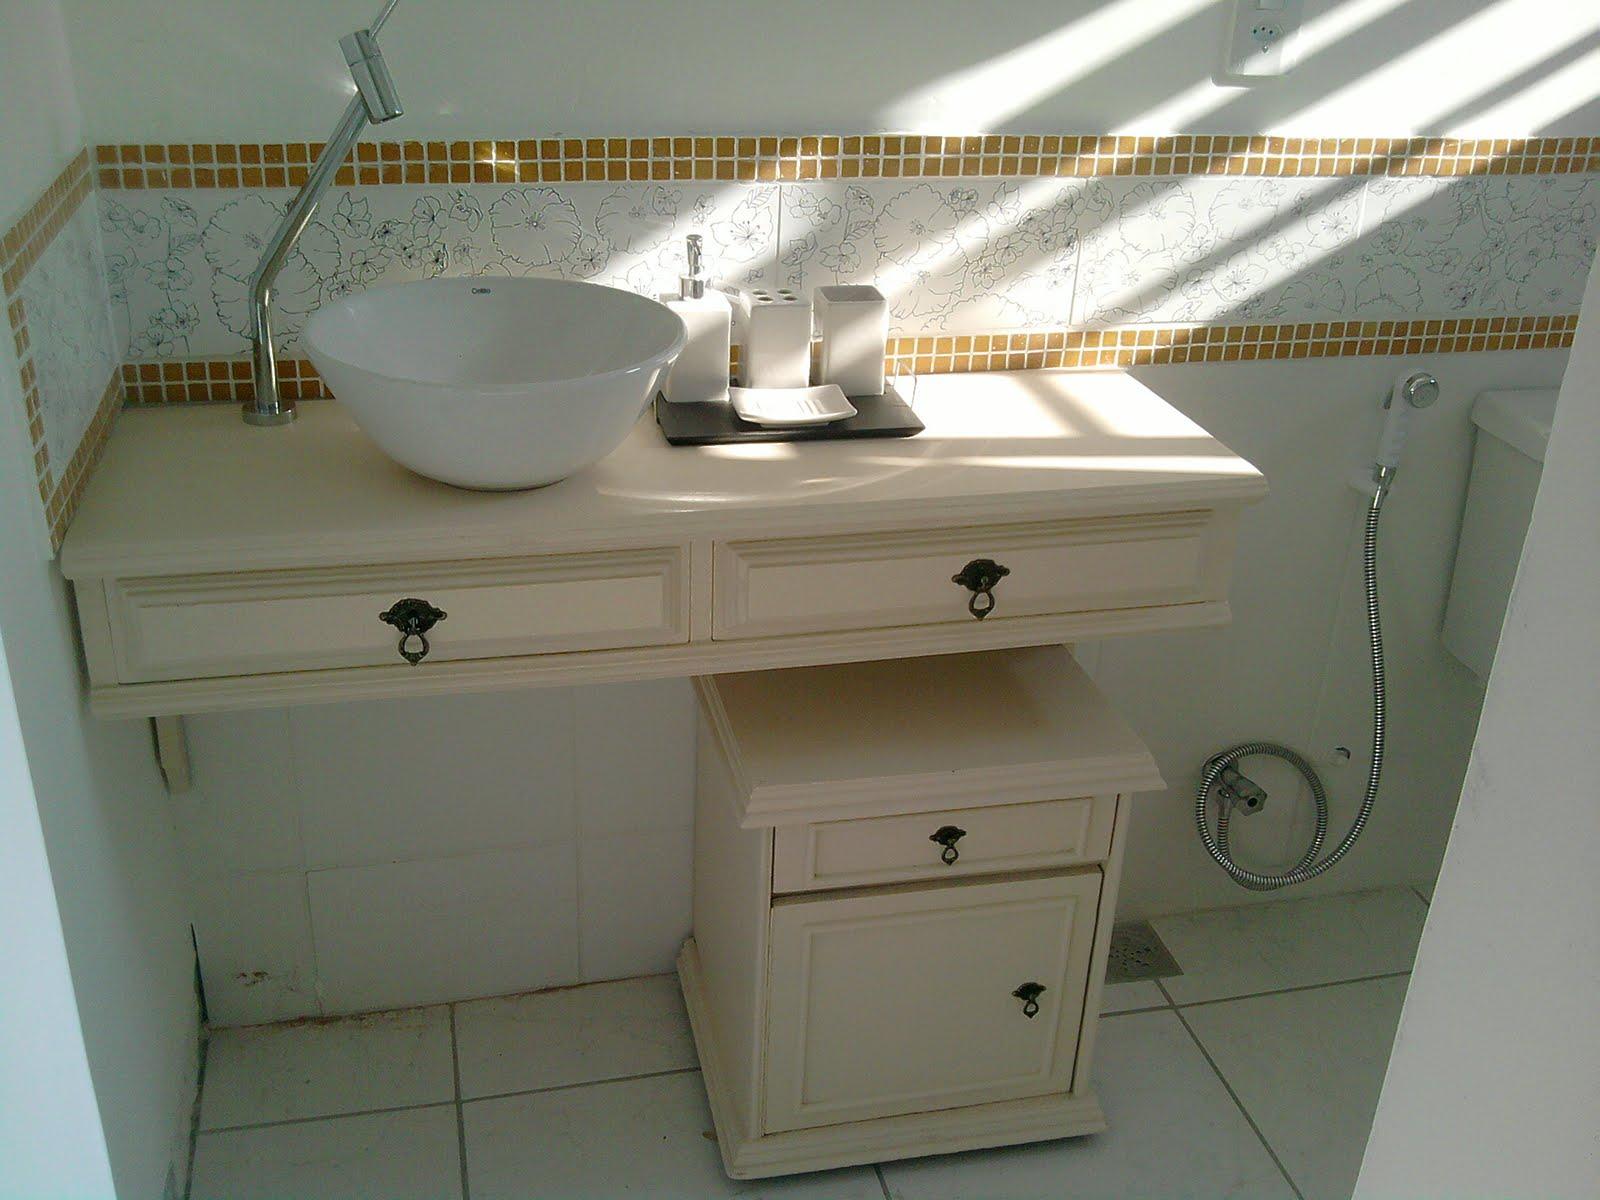 Esse armario ou criado foi comprado em topa tudo também coloquei  #5D4C2A 1600x1200 Armario Banheiro Com Rodinhas